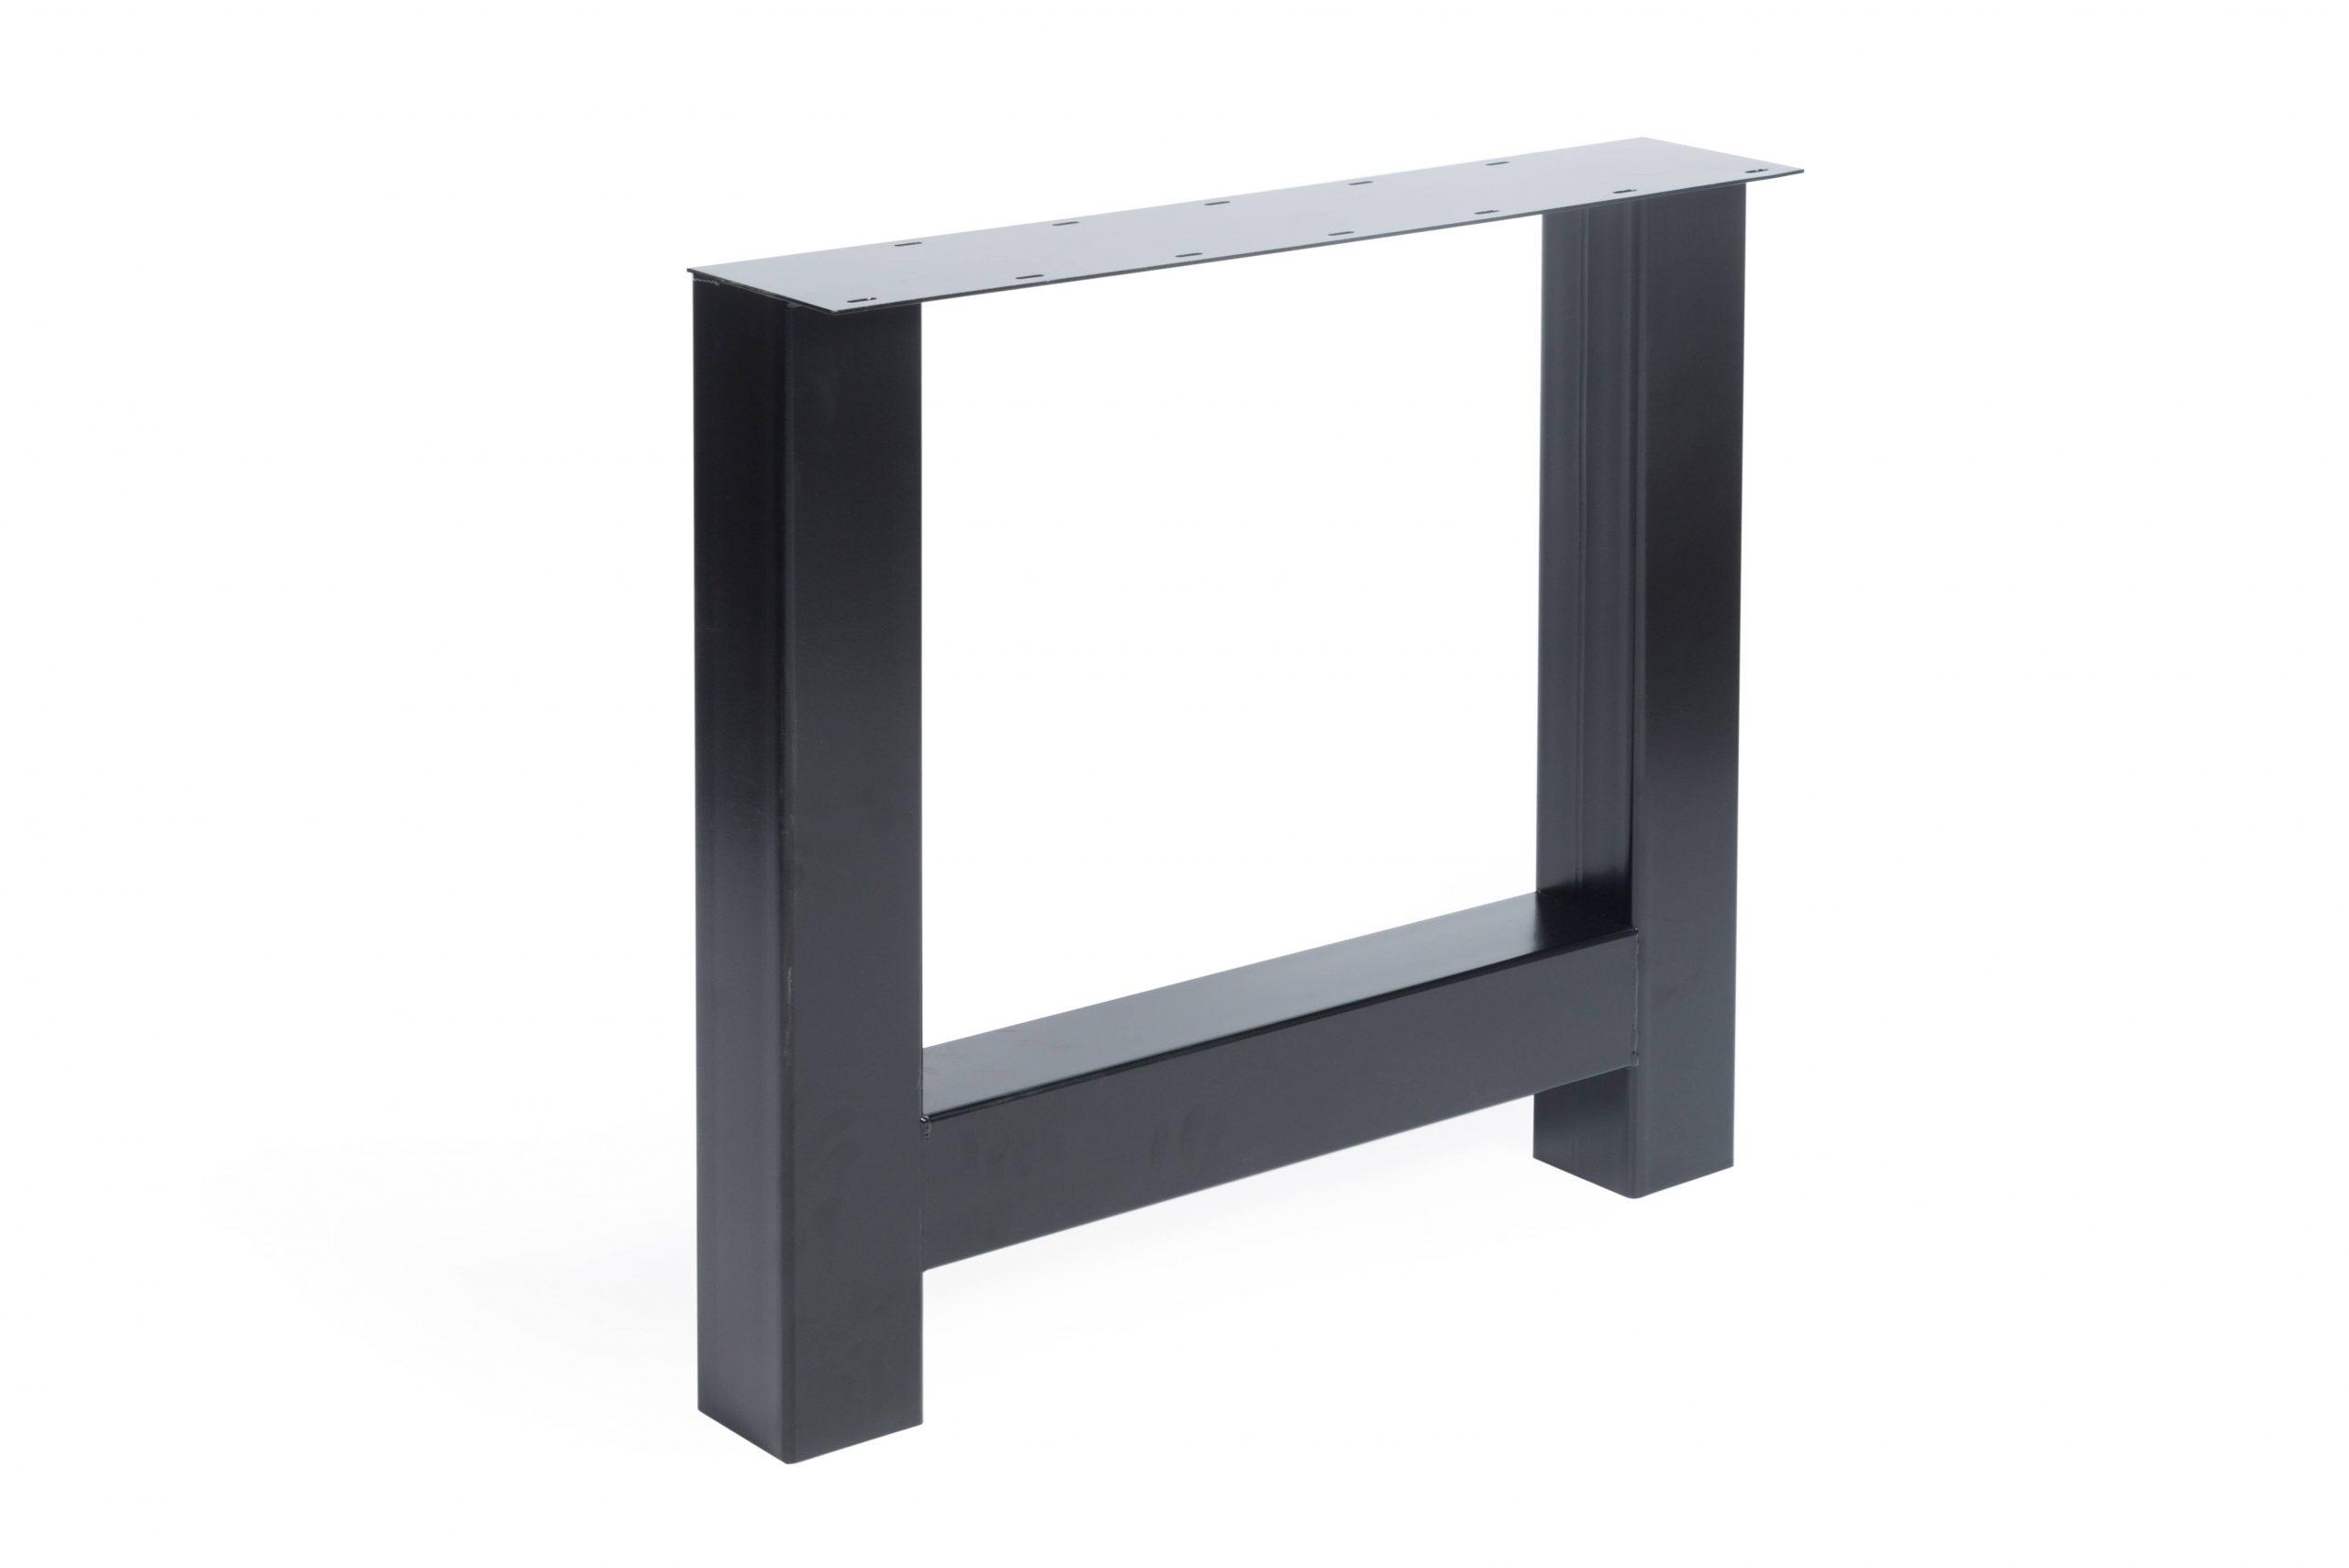 Tischgestell Metall Tischbein